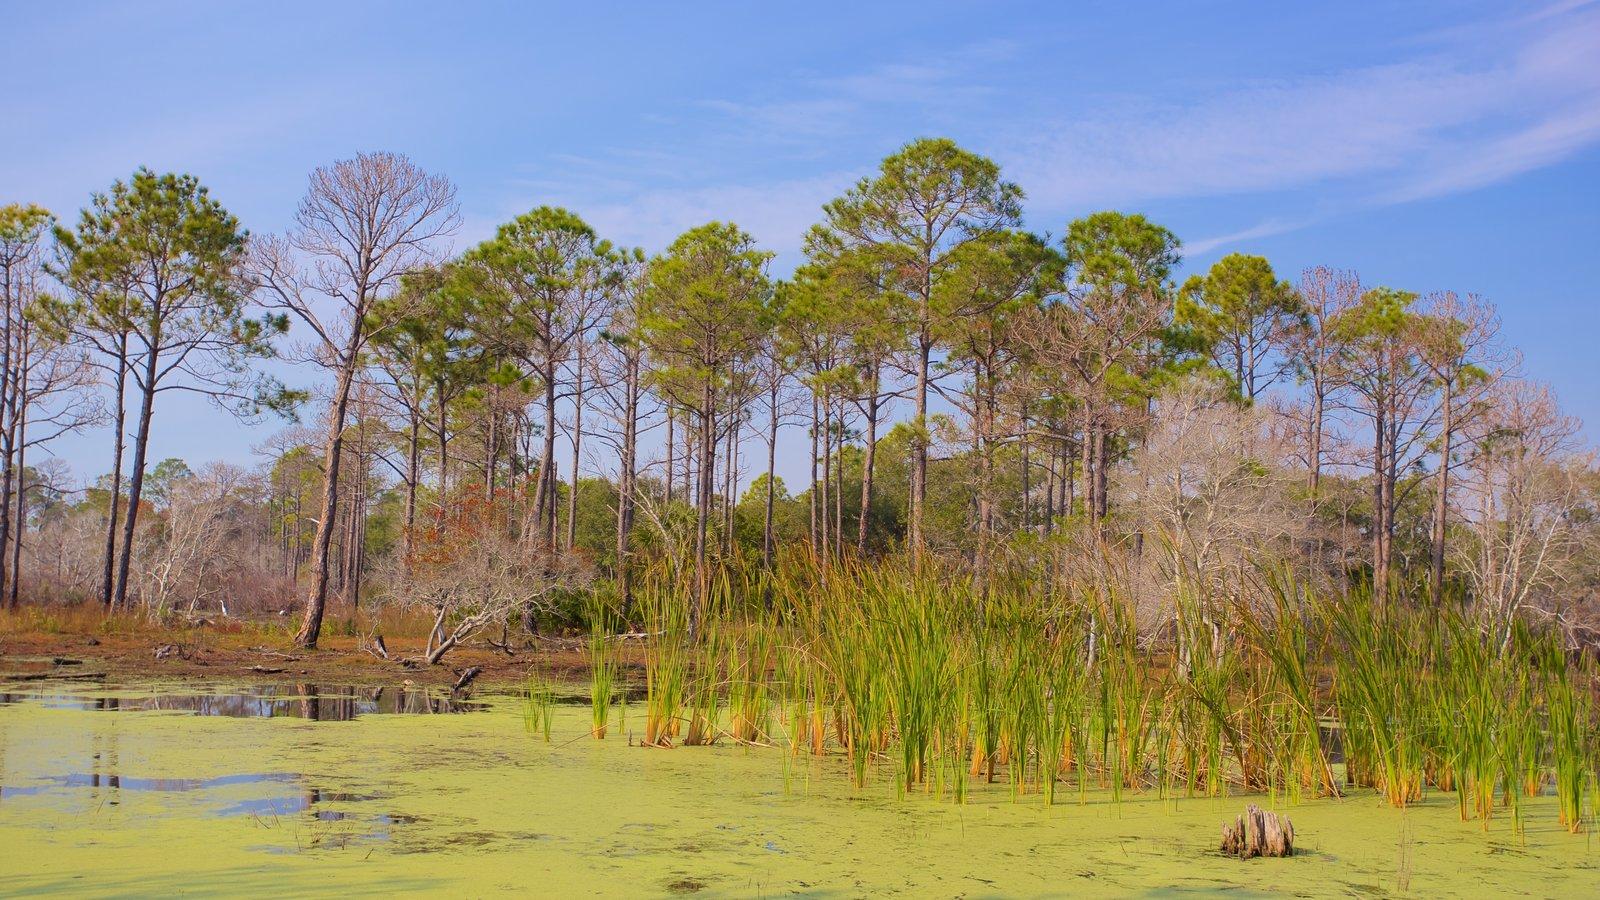 St. Andrews State Park que inclui cenas tranquilas e pântano